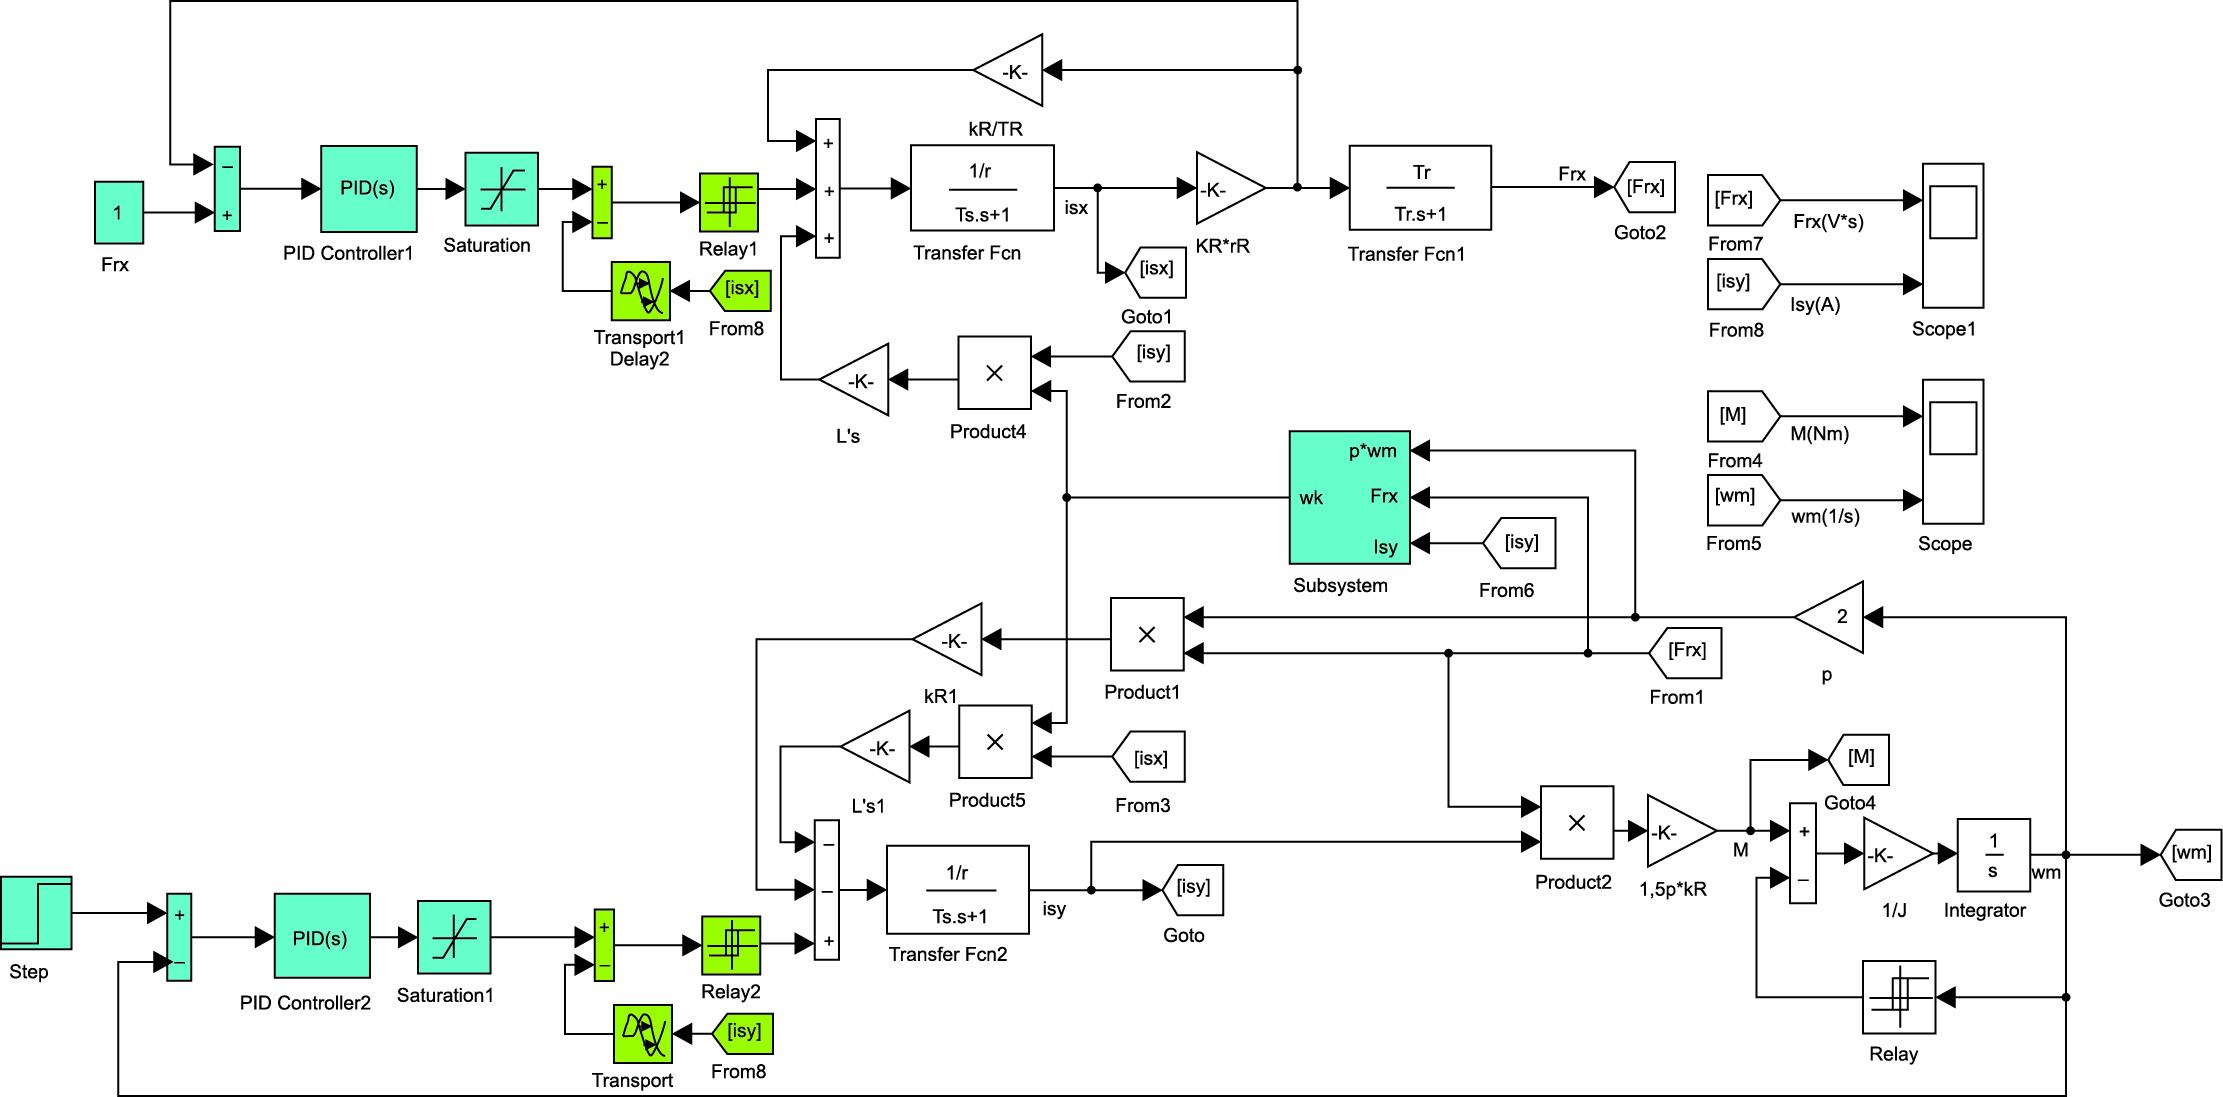 Модель асинхронного электропривода с релейными контурами тока в каналах